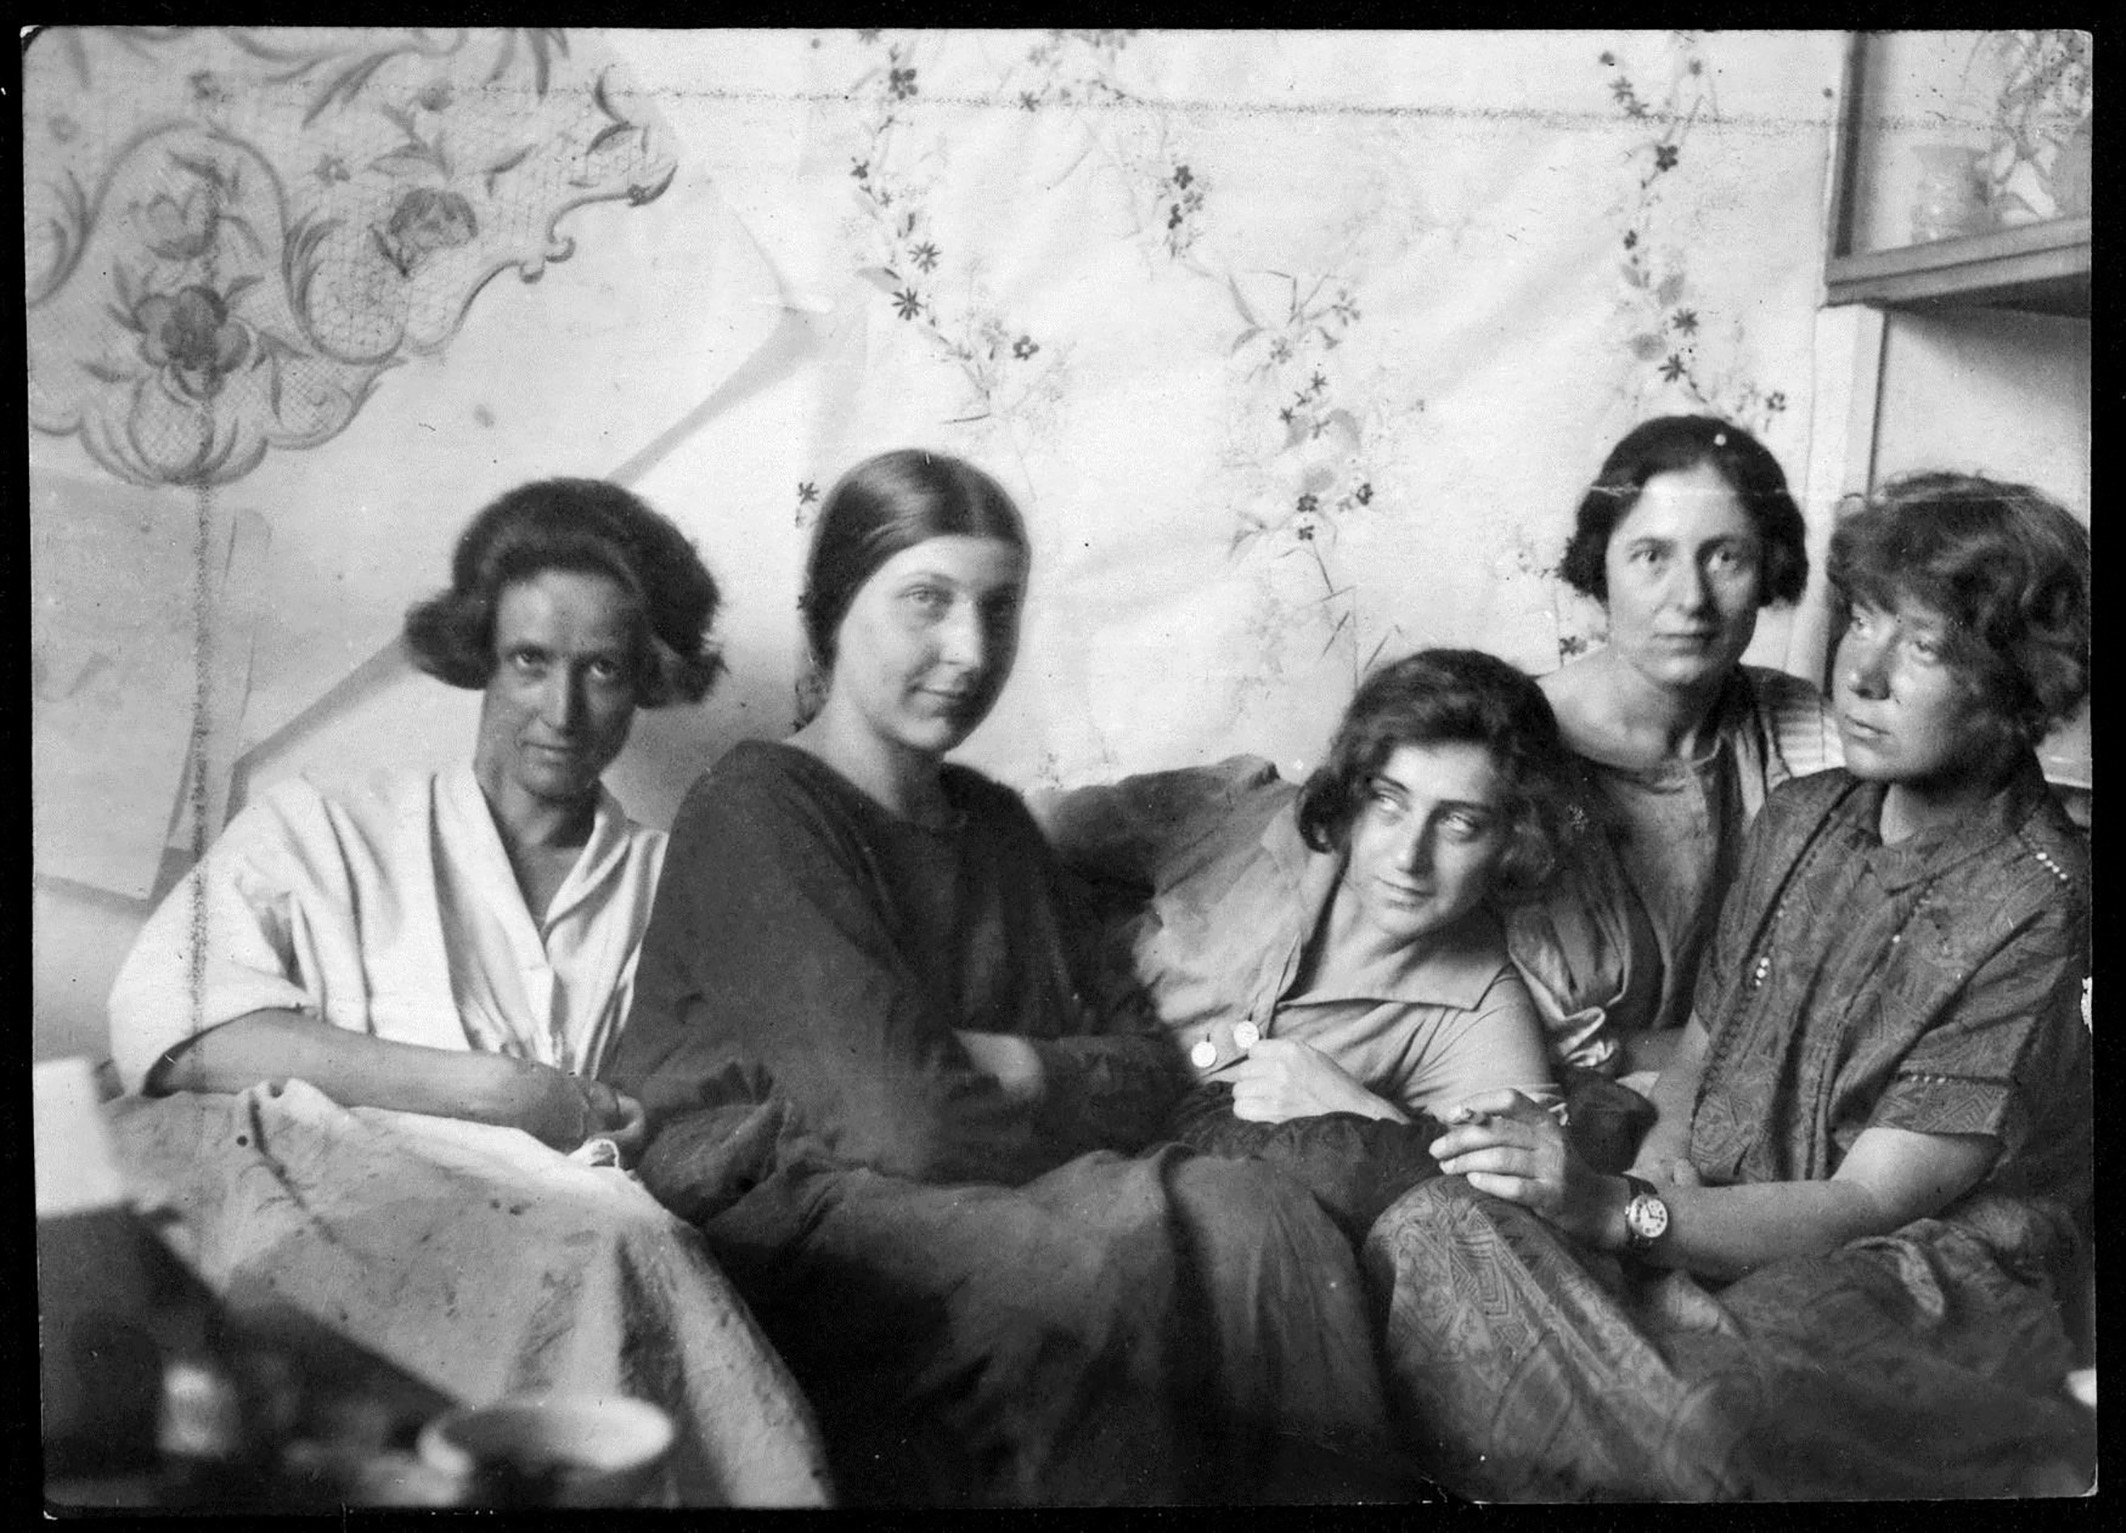 Charlotte Billwiller, Mathilde Flögl, Susi Singer, Marianne Leisching und Maria Likarz, Fotografie, 1924 © MAK